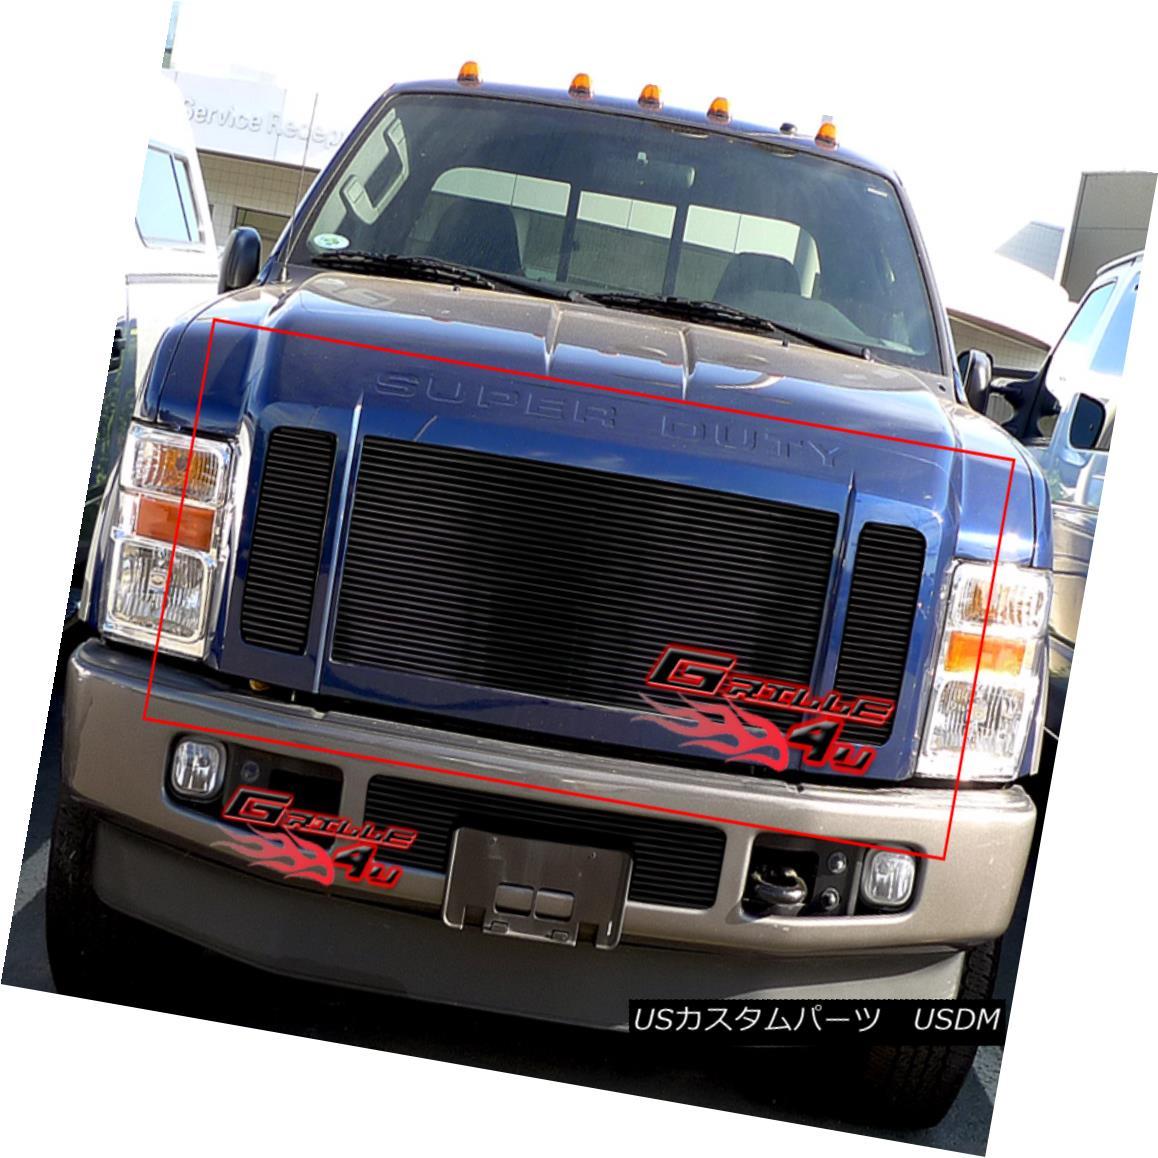 グリル Fits 2008-2010 Ford F250/F350/F450 Black Billet Grille Insert フィット2008-2010フォードF250 / F350 / F450ブラックビレットグリルインサート